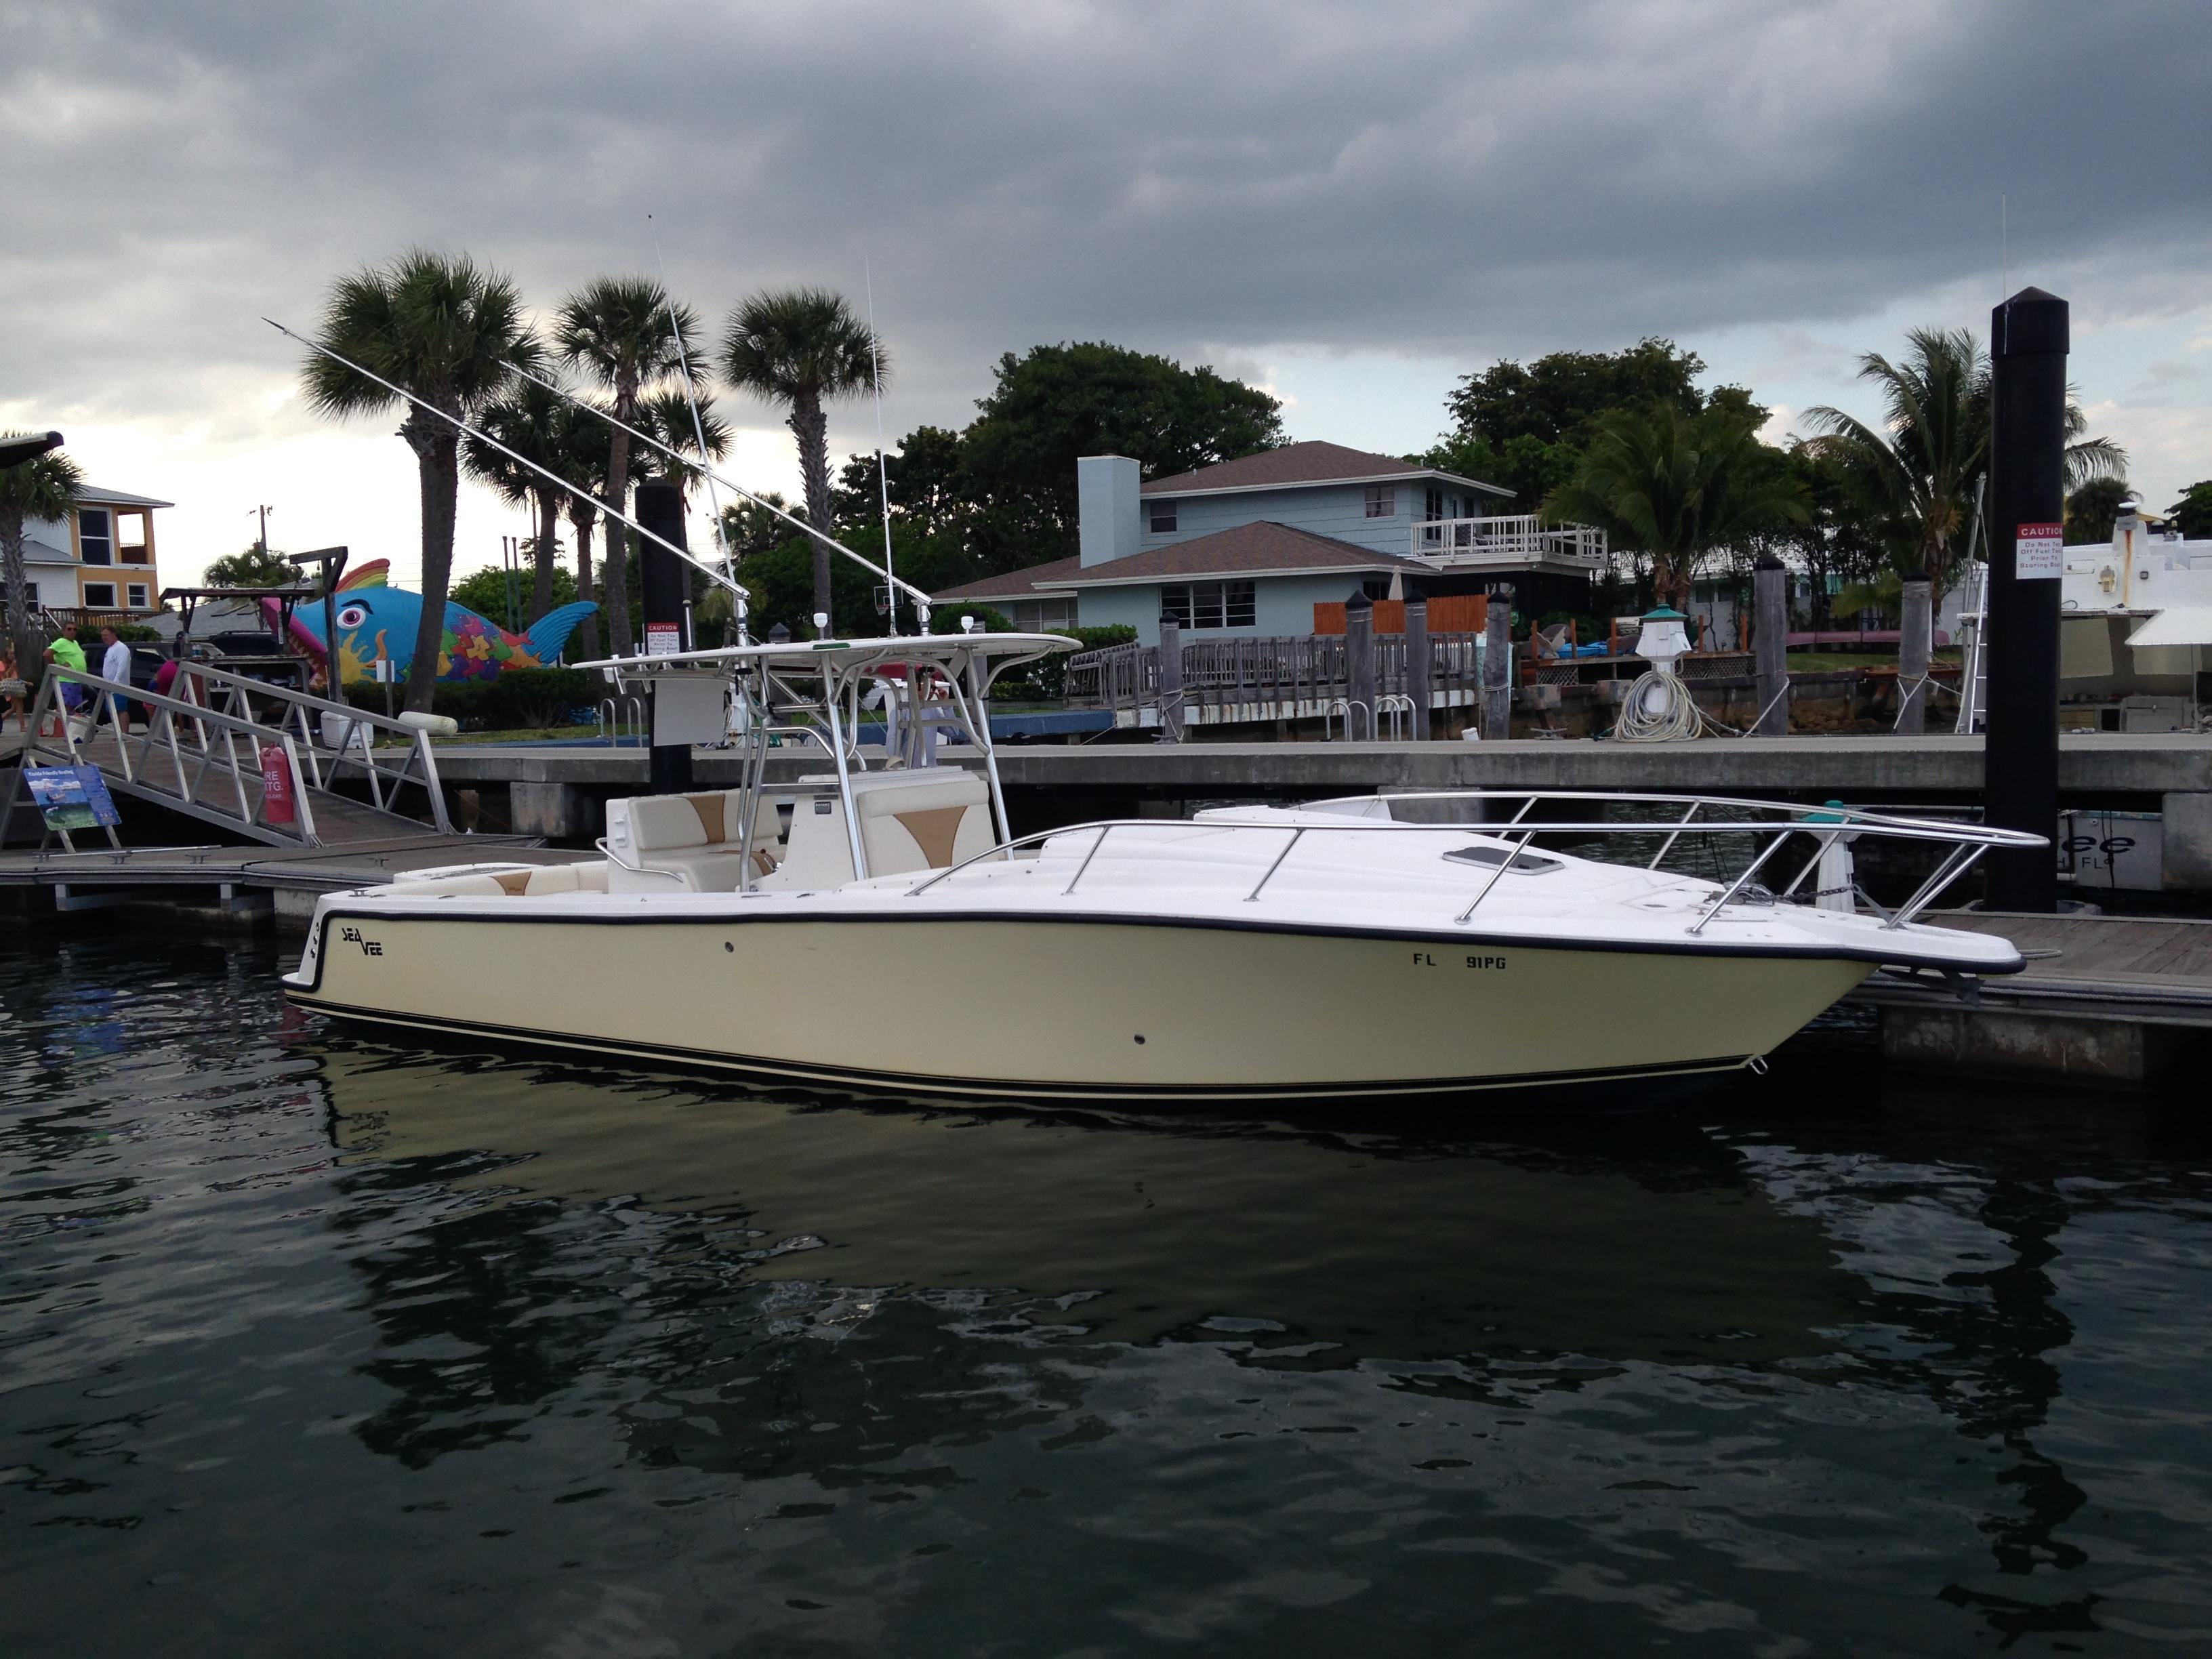 Sea Vee 340 CUDDY, Miami/Coral Gables